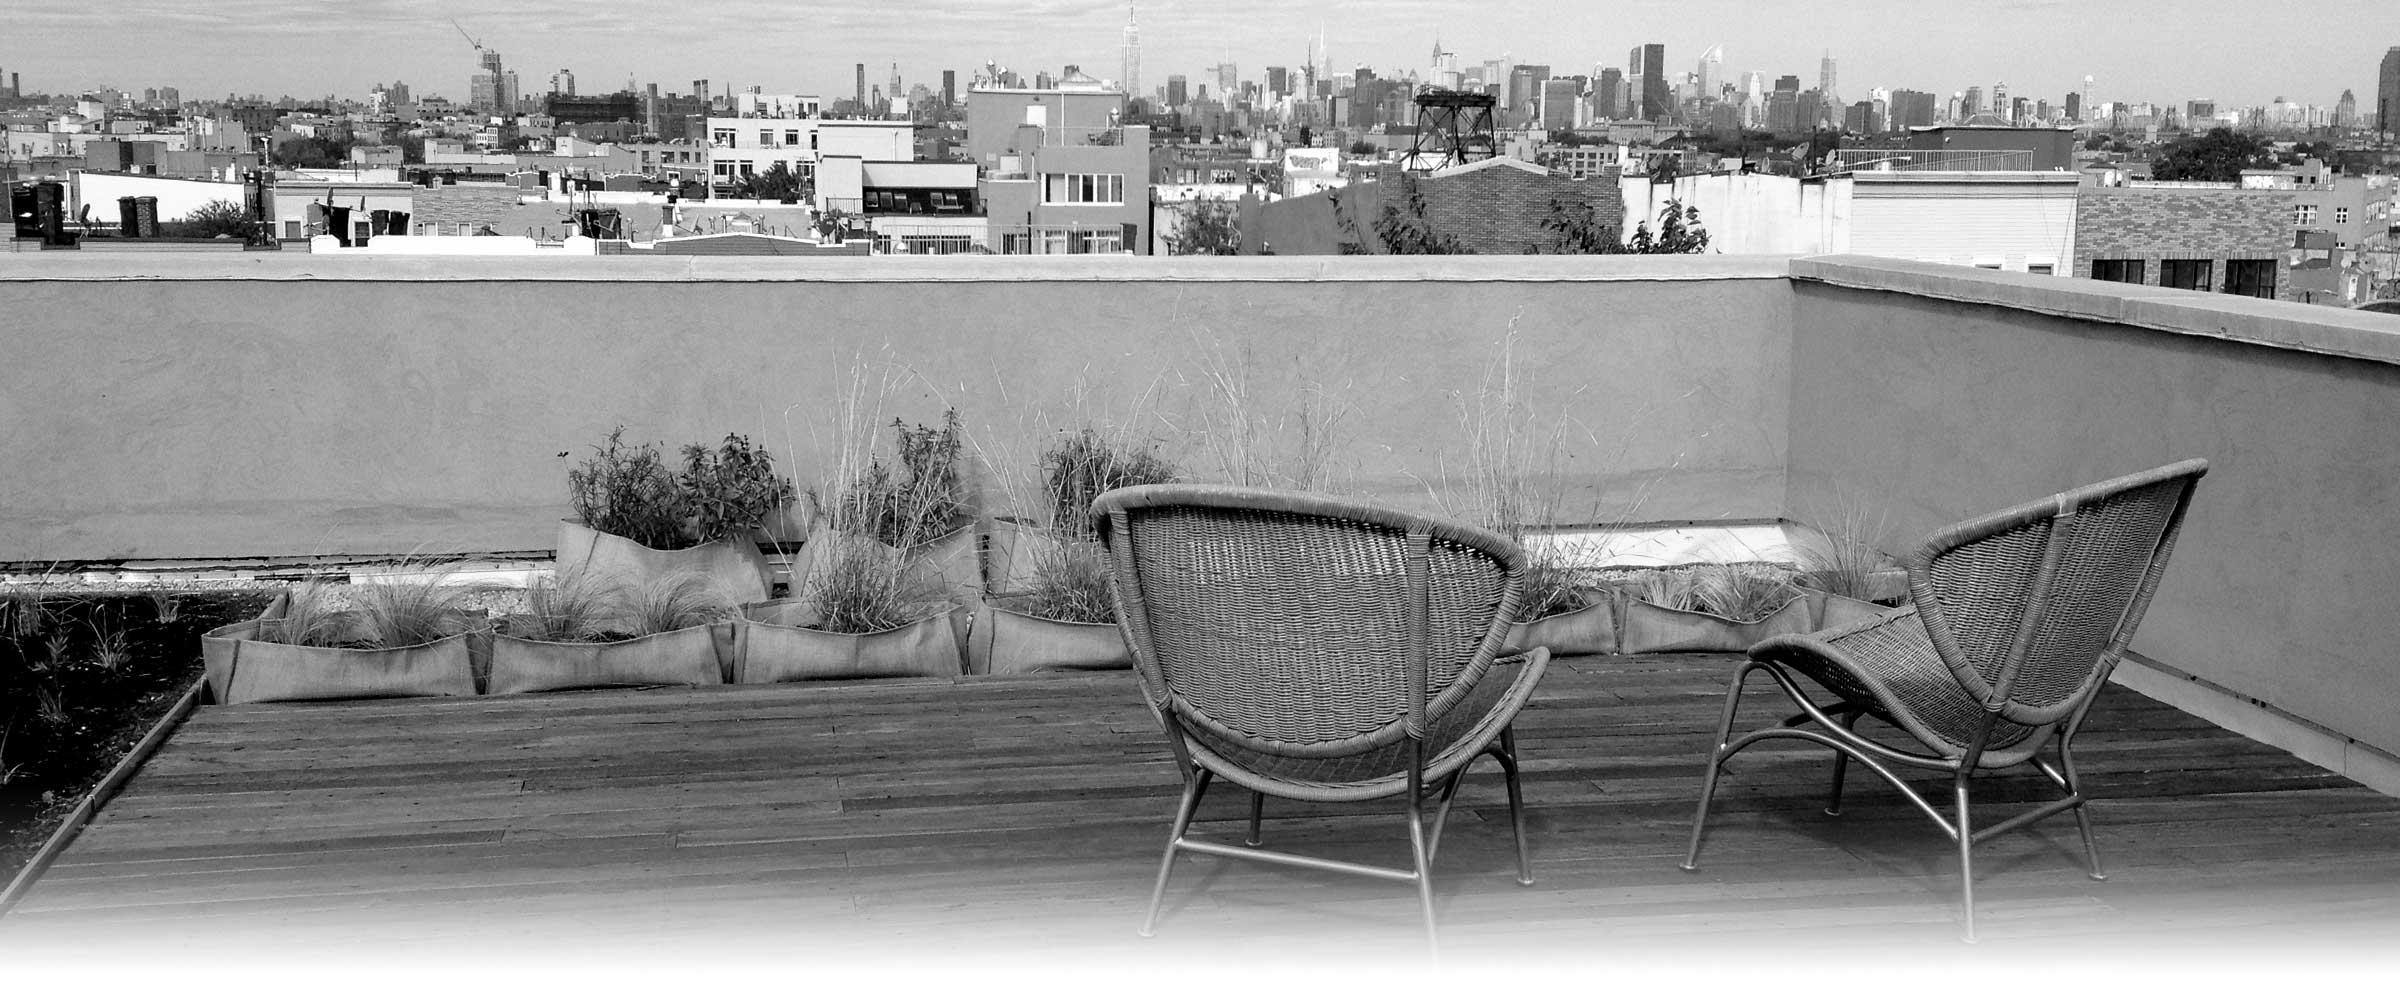 Dachabdeckungen von Balkonen